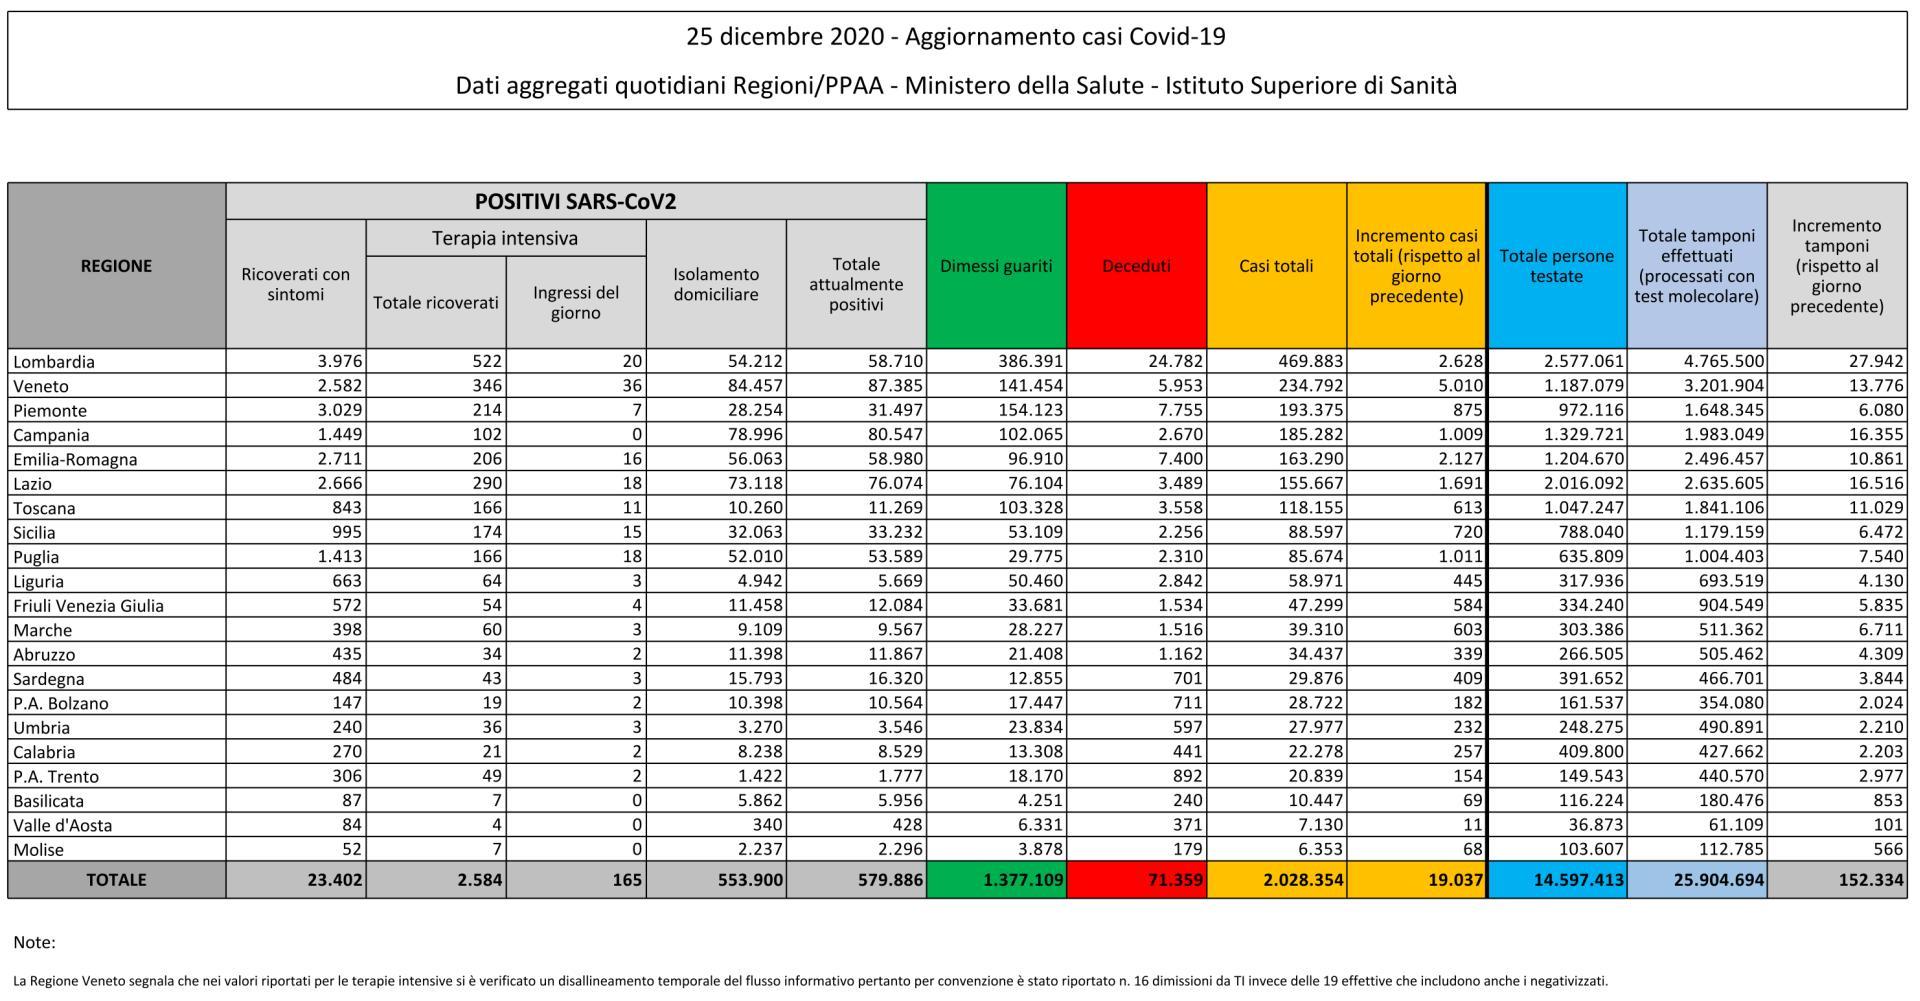 25 dicembre 2020 - Aggiornamento casi Covid-19 Dati aggregati quotidiani Regioni/PPAA - Ministero della Salute - Istituto Superiore di Sanità